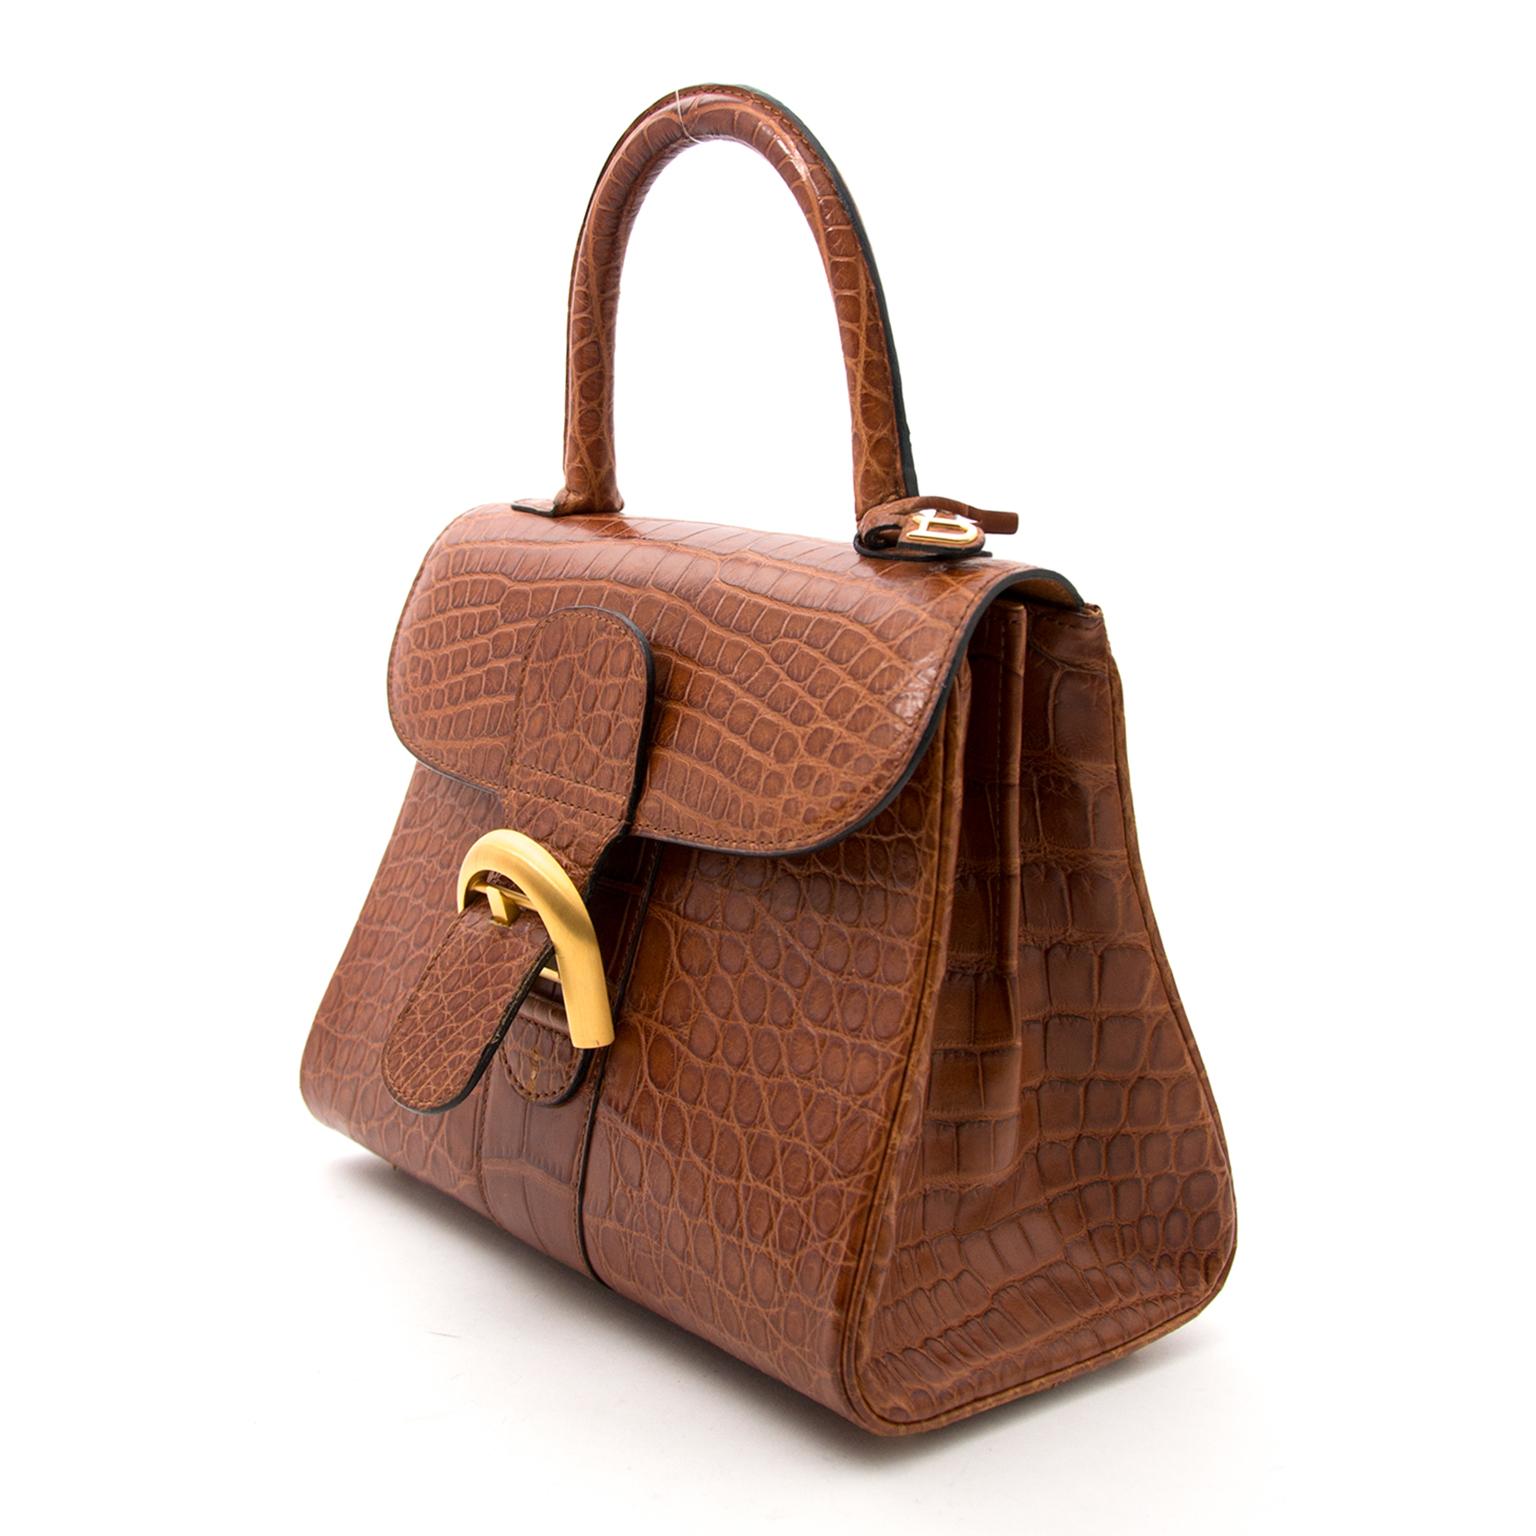 Acheter secur en ligne des sacs a mains As Delvaux Brillant Croco matte Miel PM pour le meilleur prix